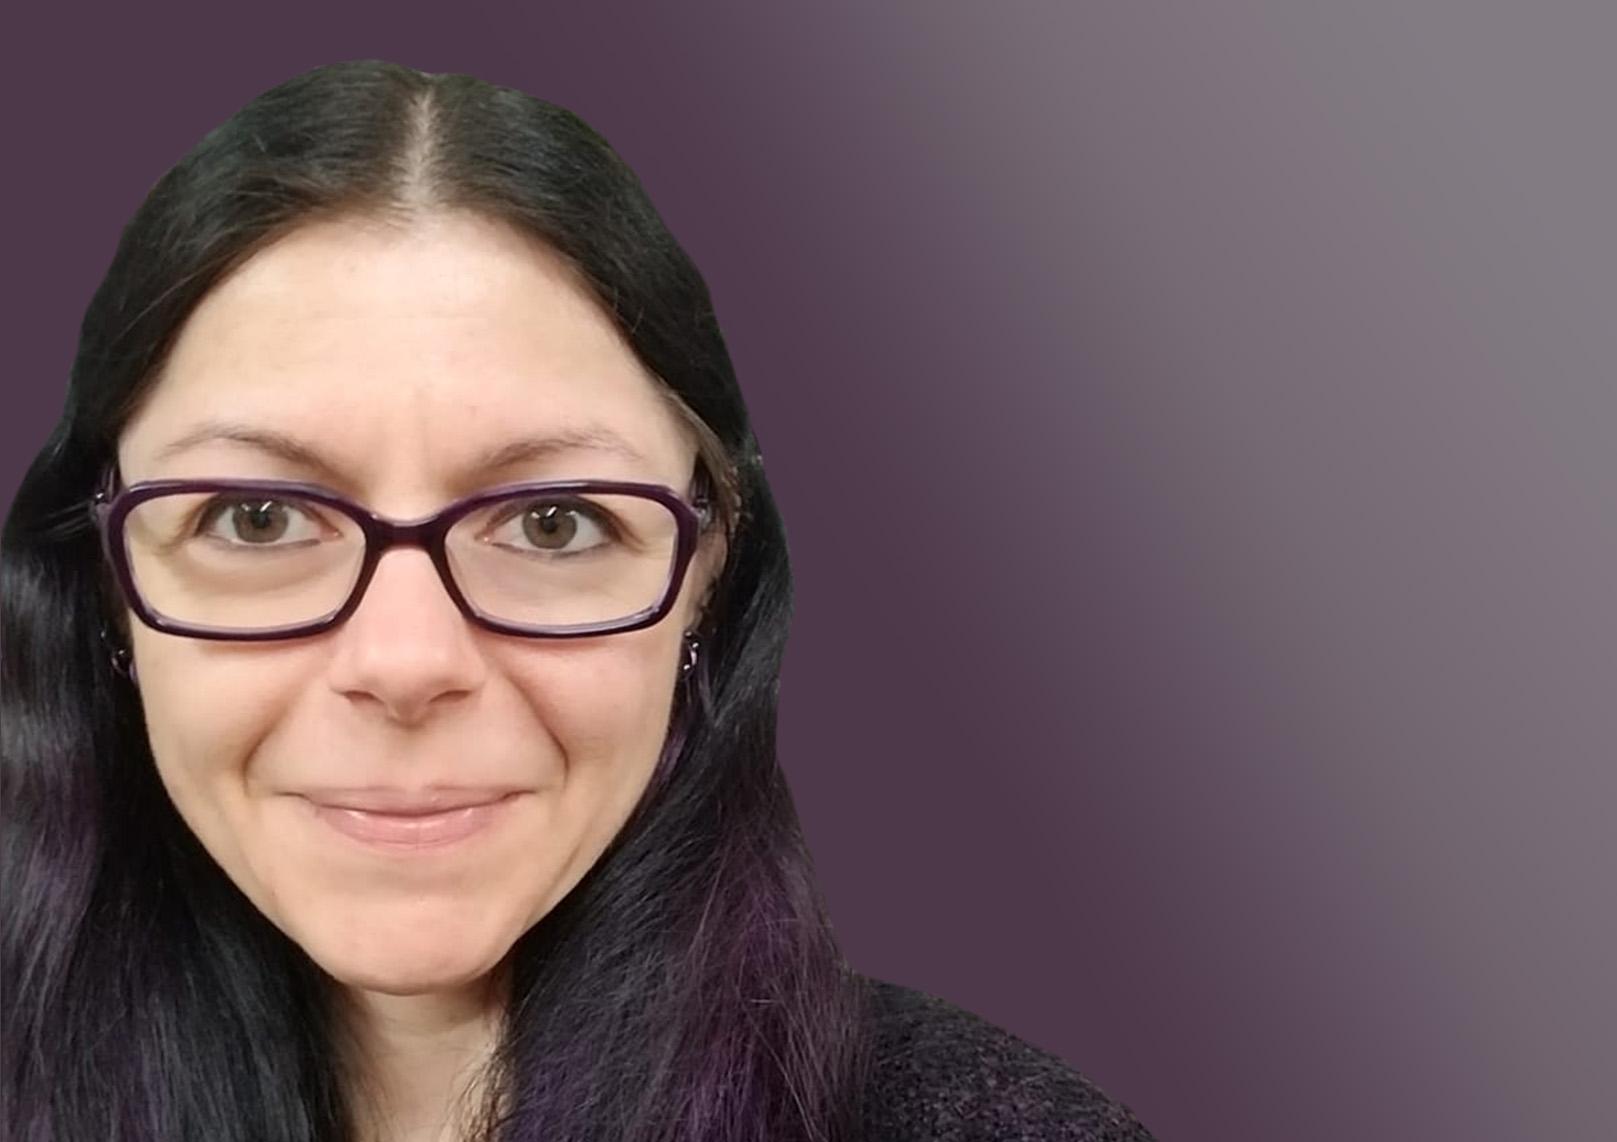 A photo of Susanne Surette